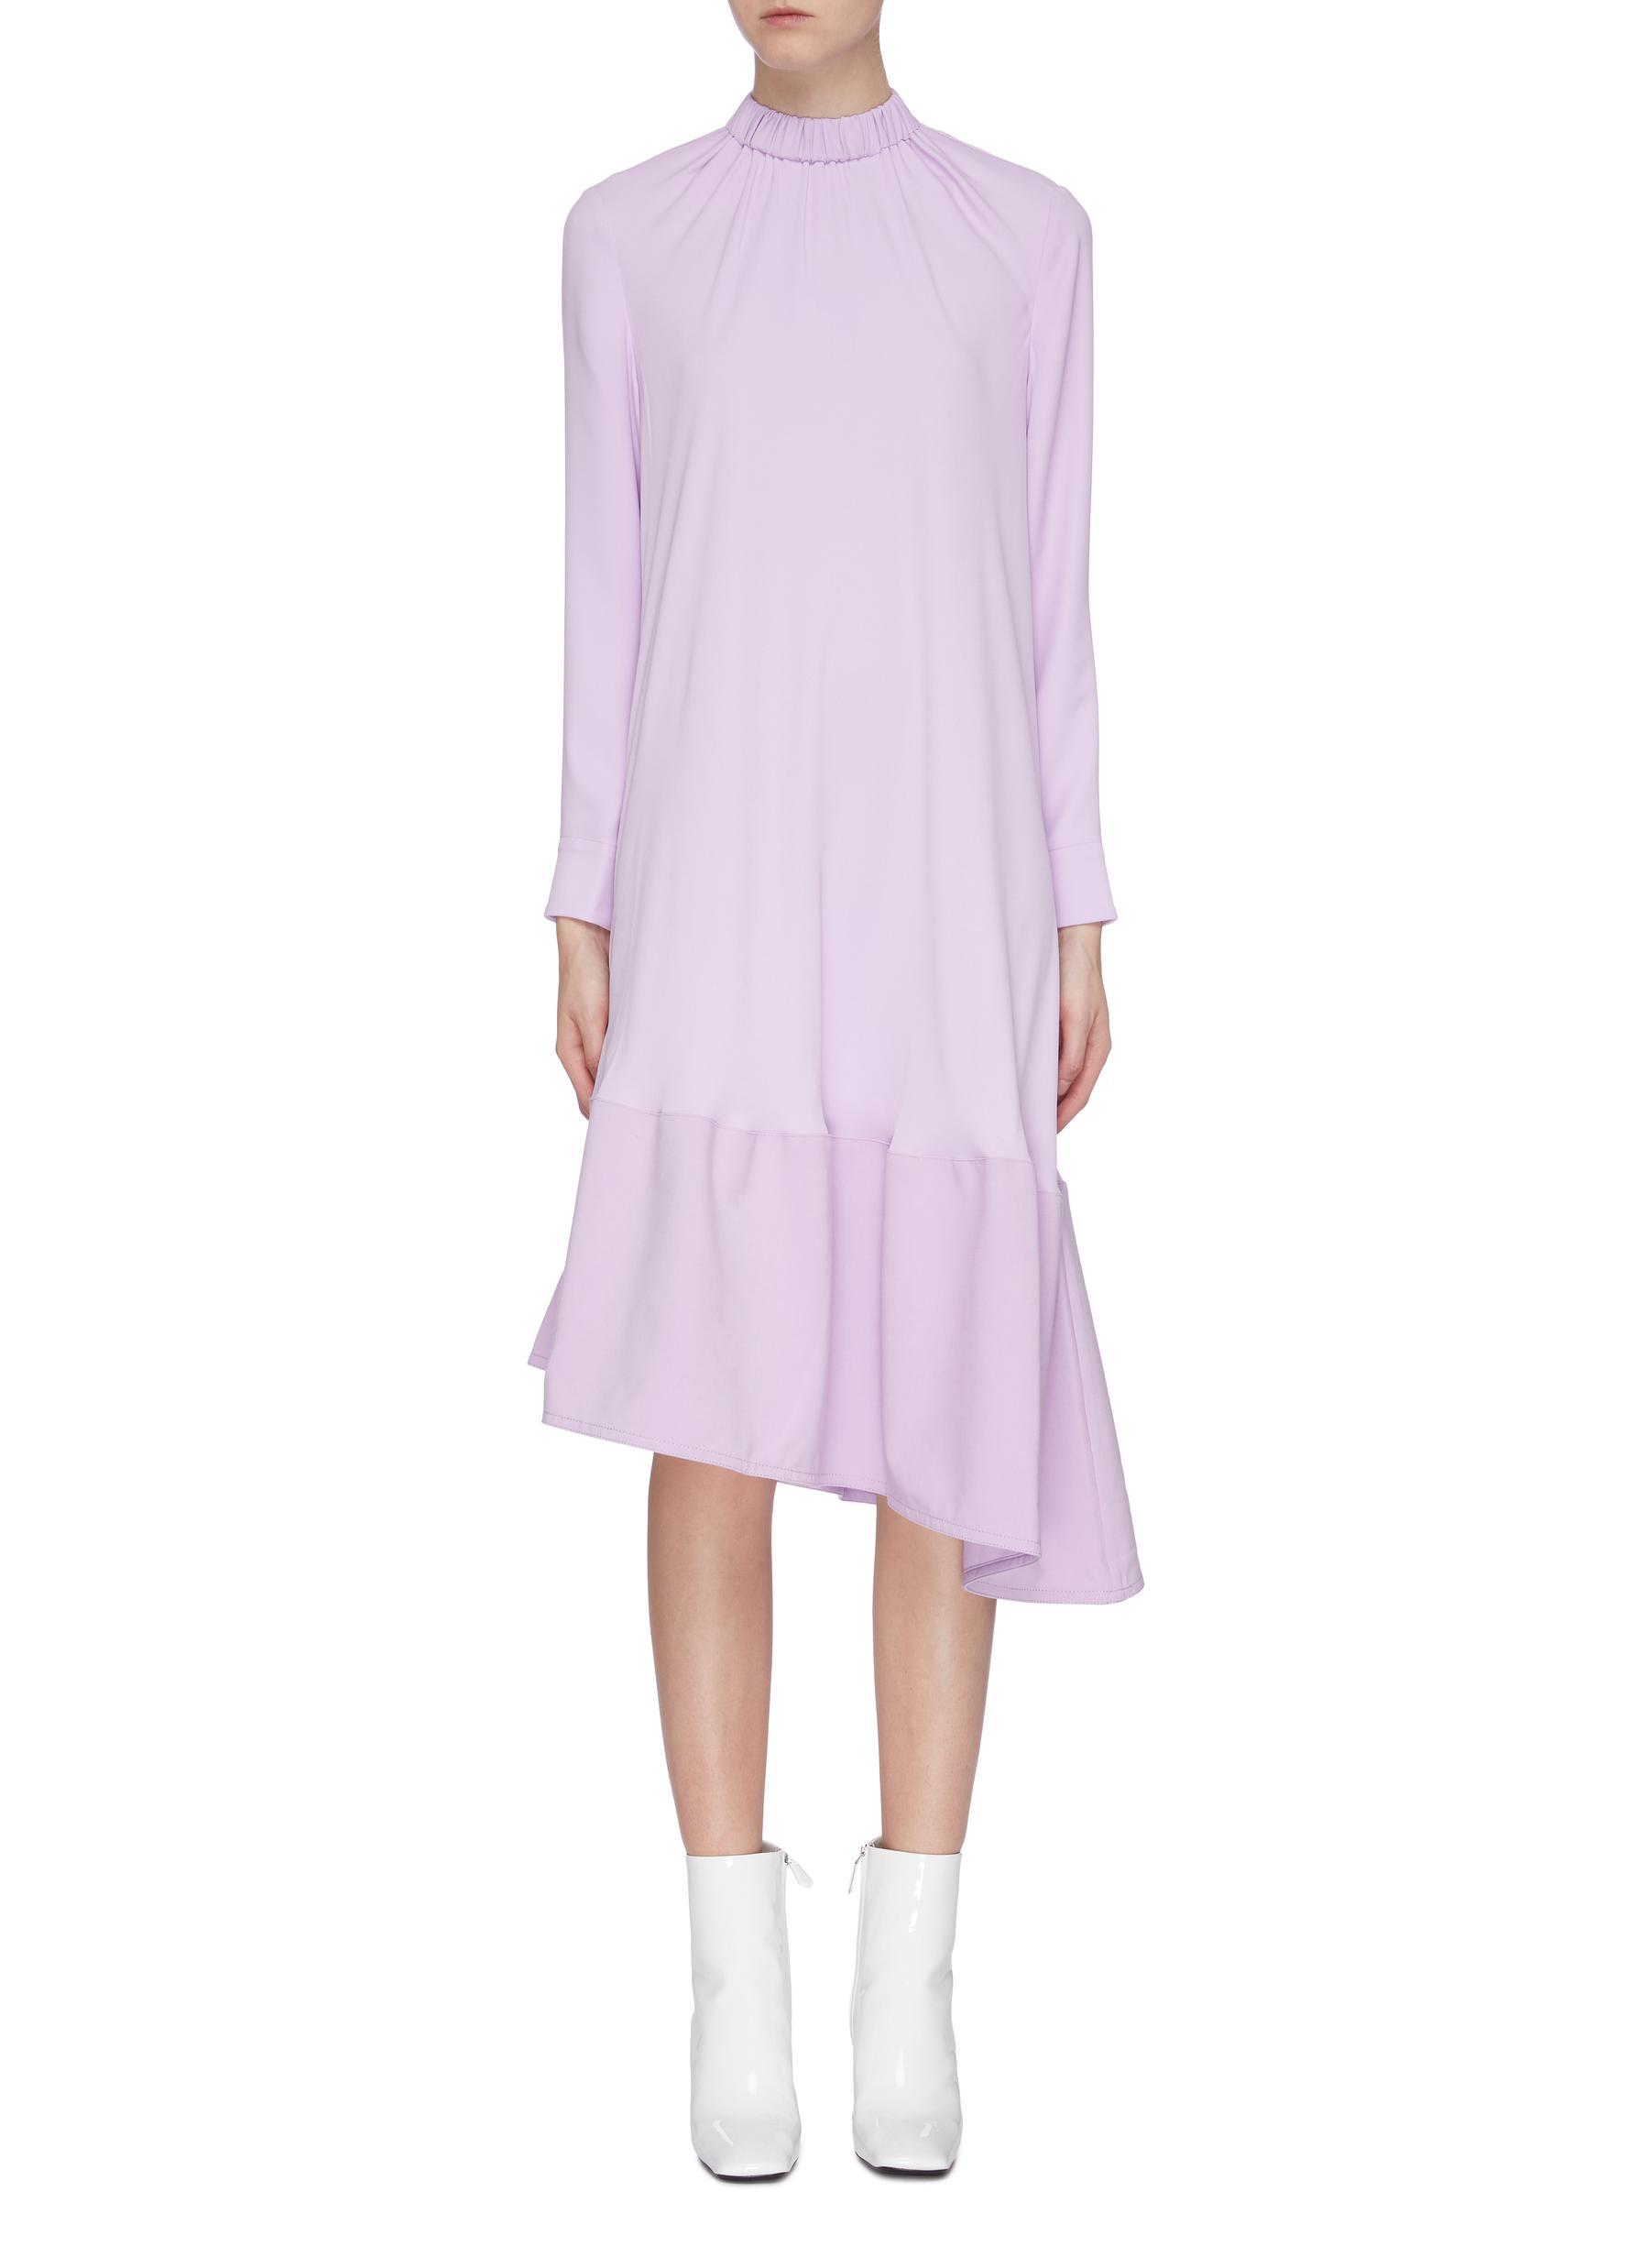 Modern asymmetric hem midi dress by Tibi